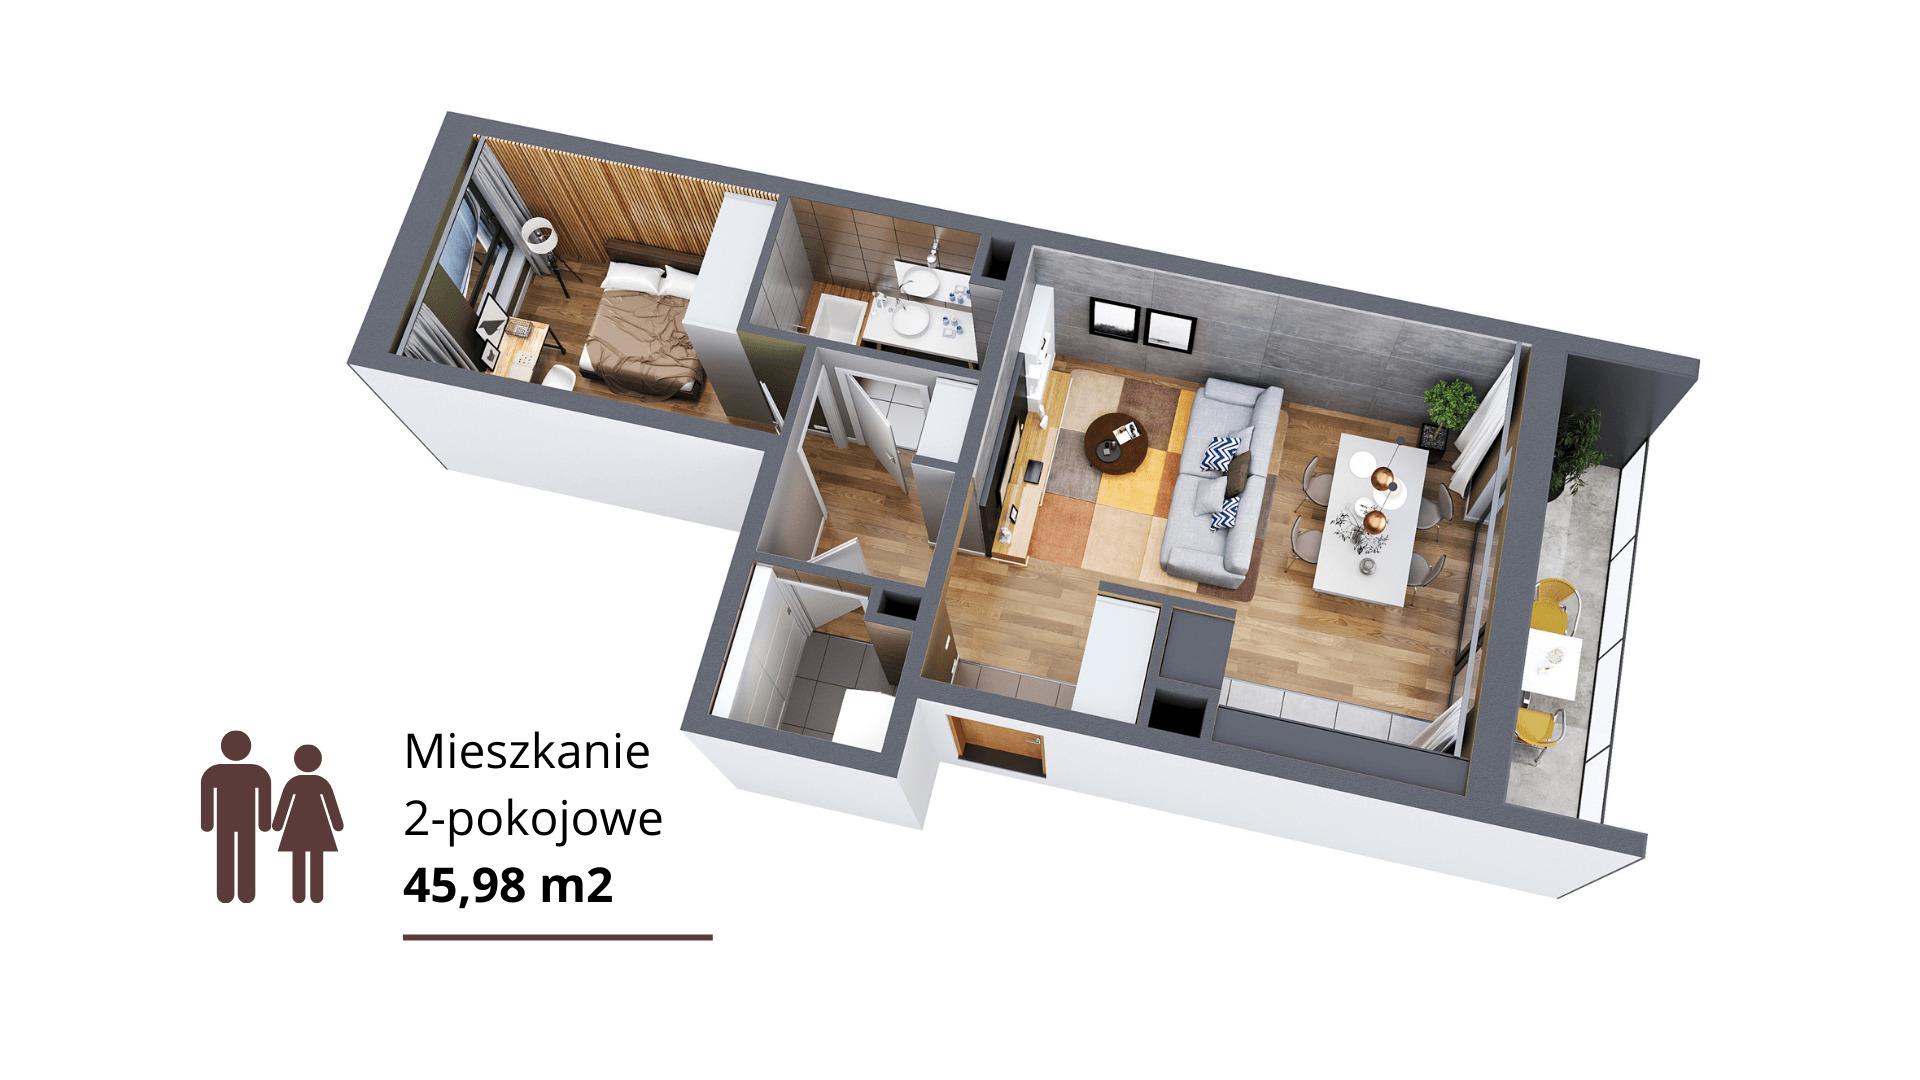 1. Mieszkanie 2-pokojowe